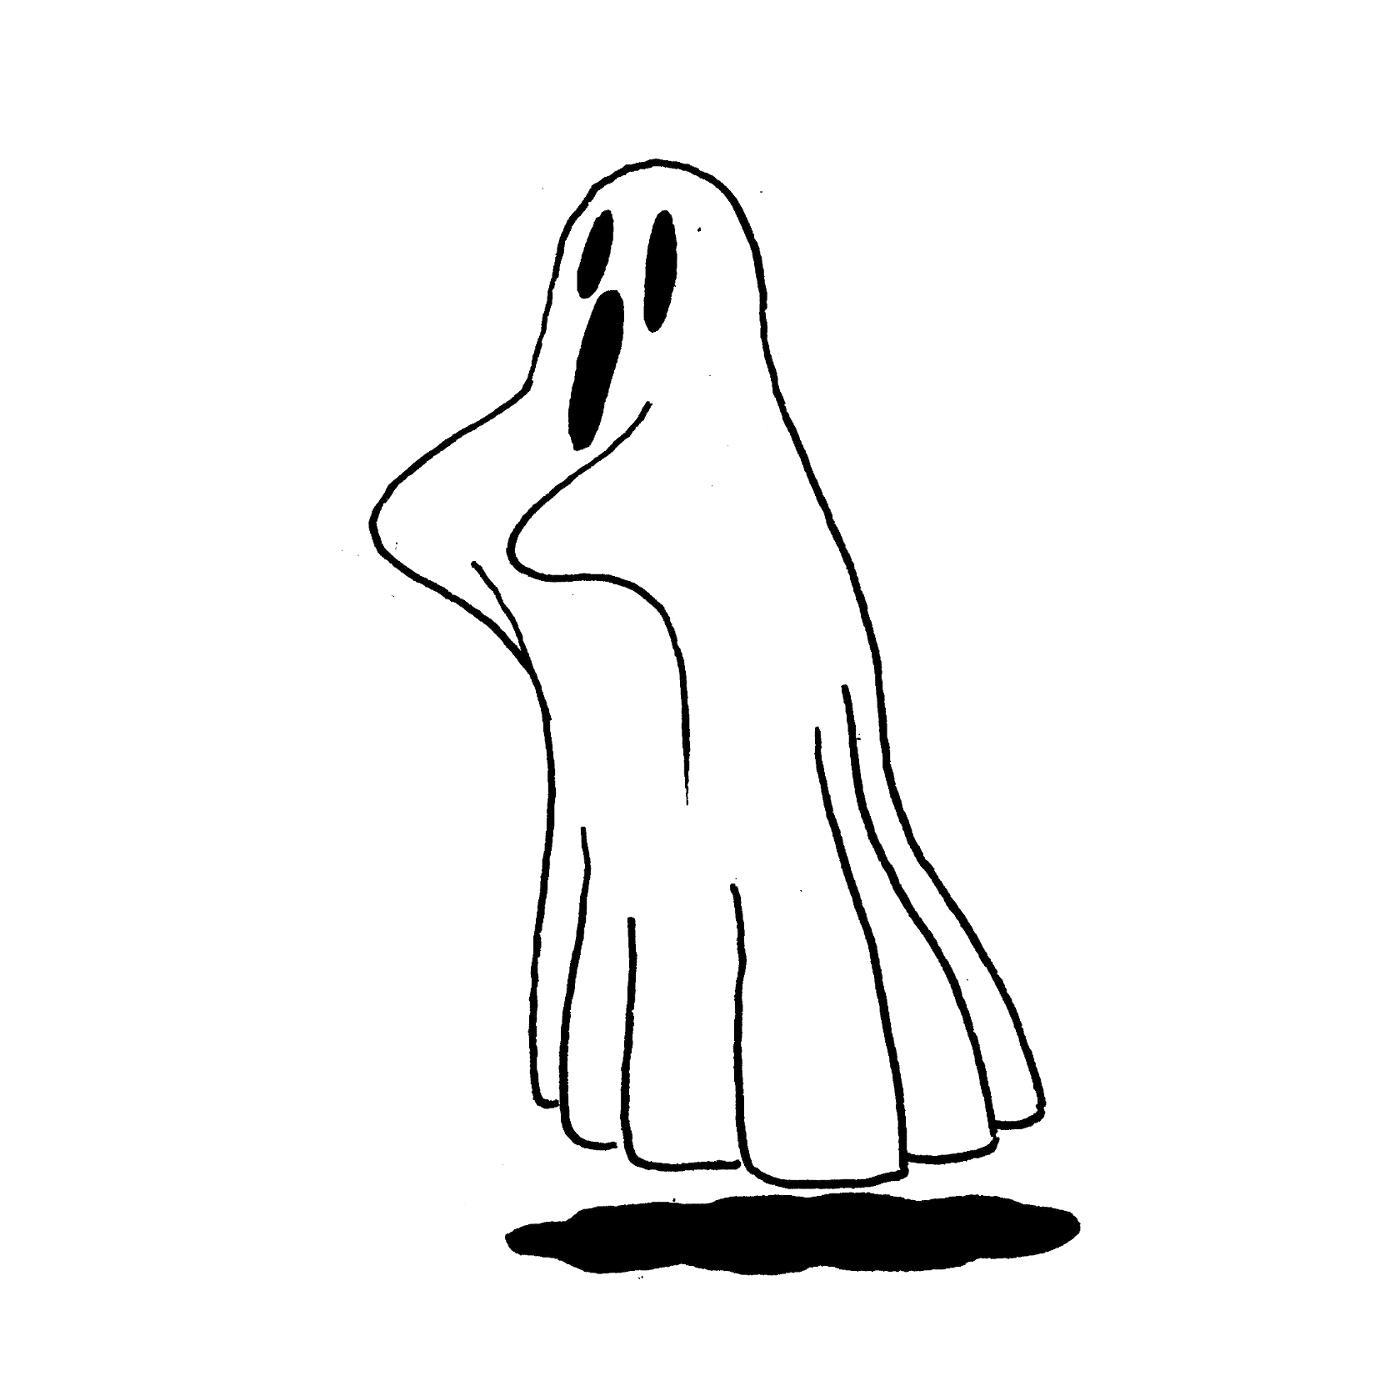 dessin-de-fantome-1-566b1584.jpg